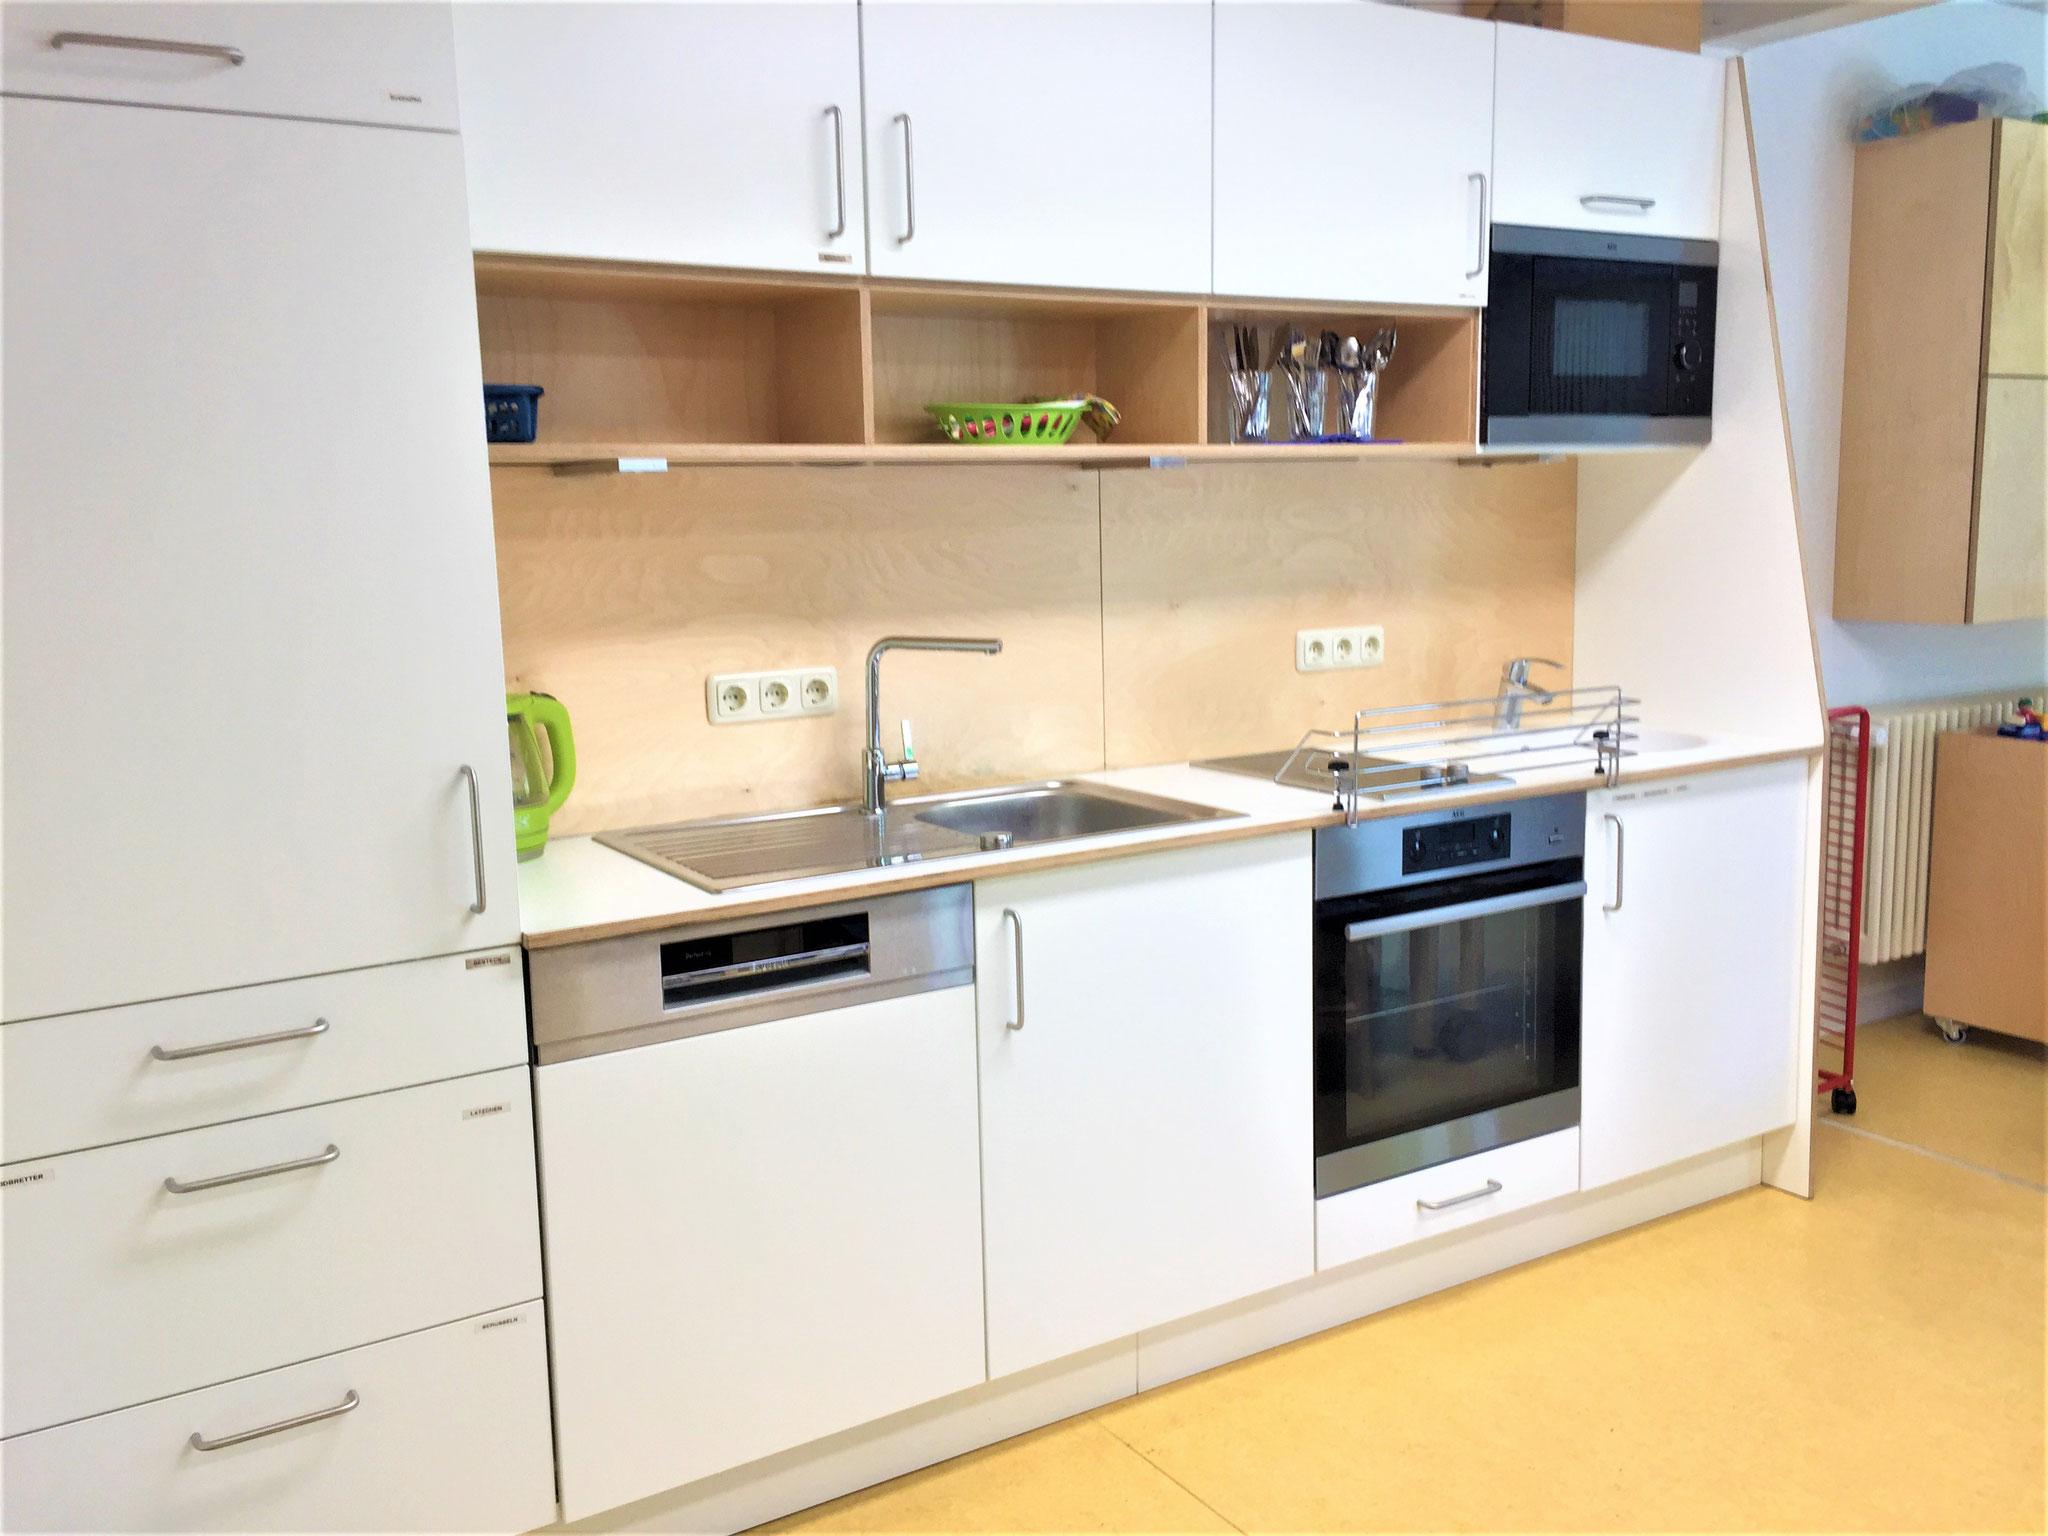 Küchenzeile integriert im Gruppenraum